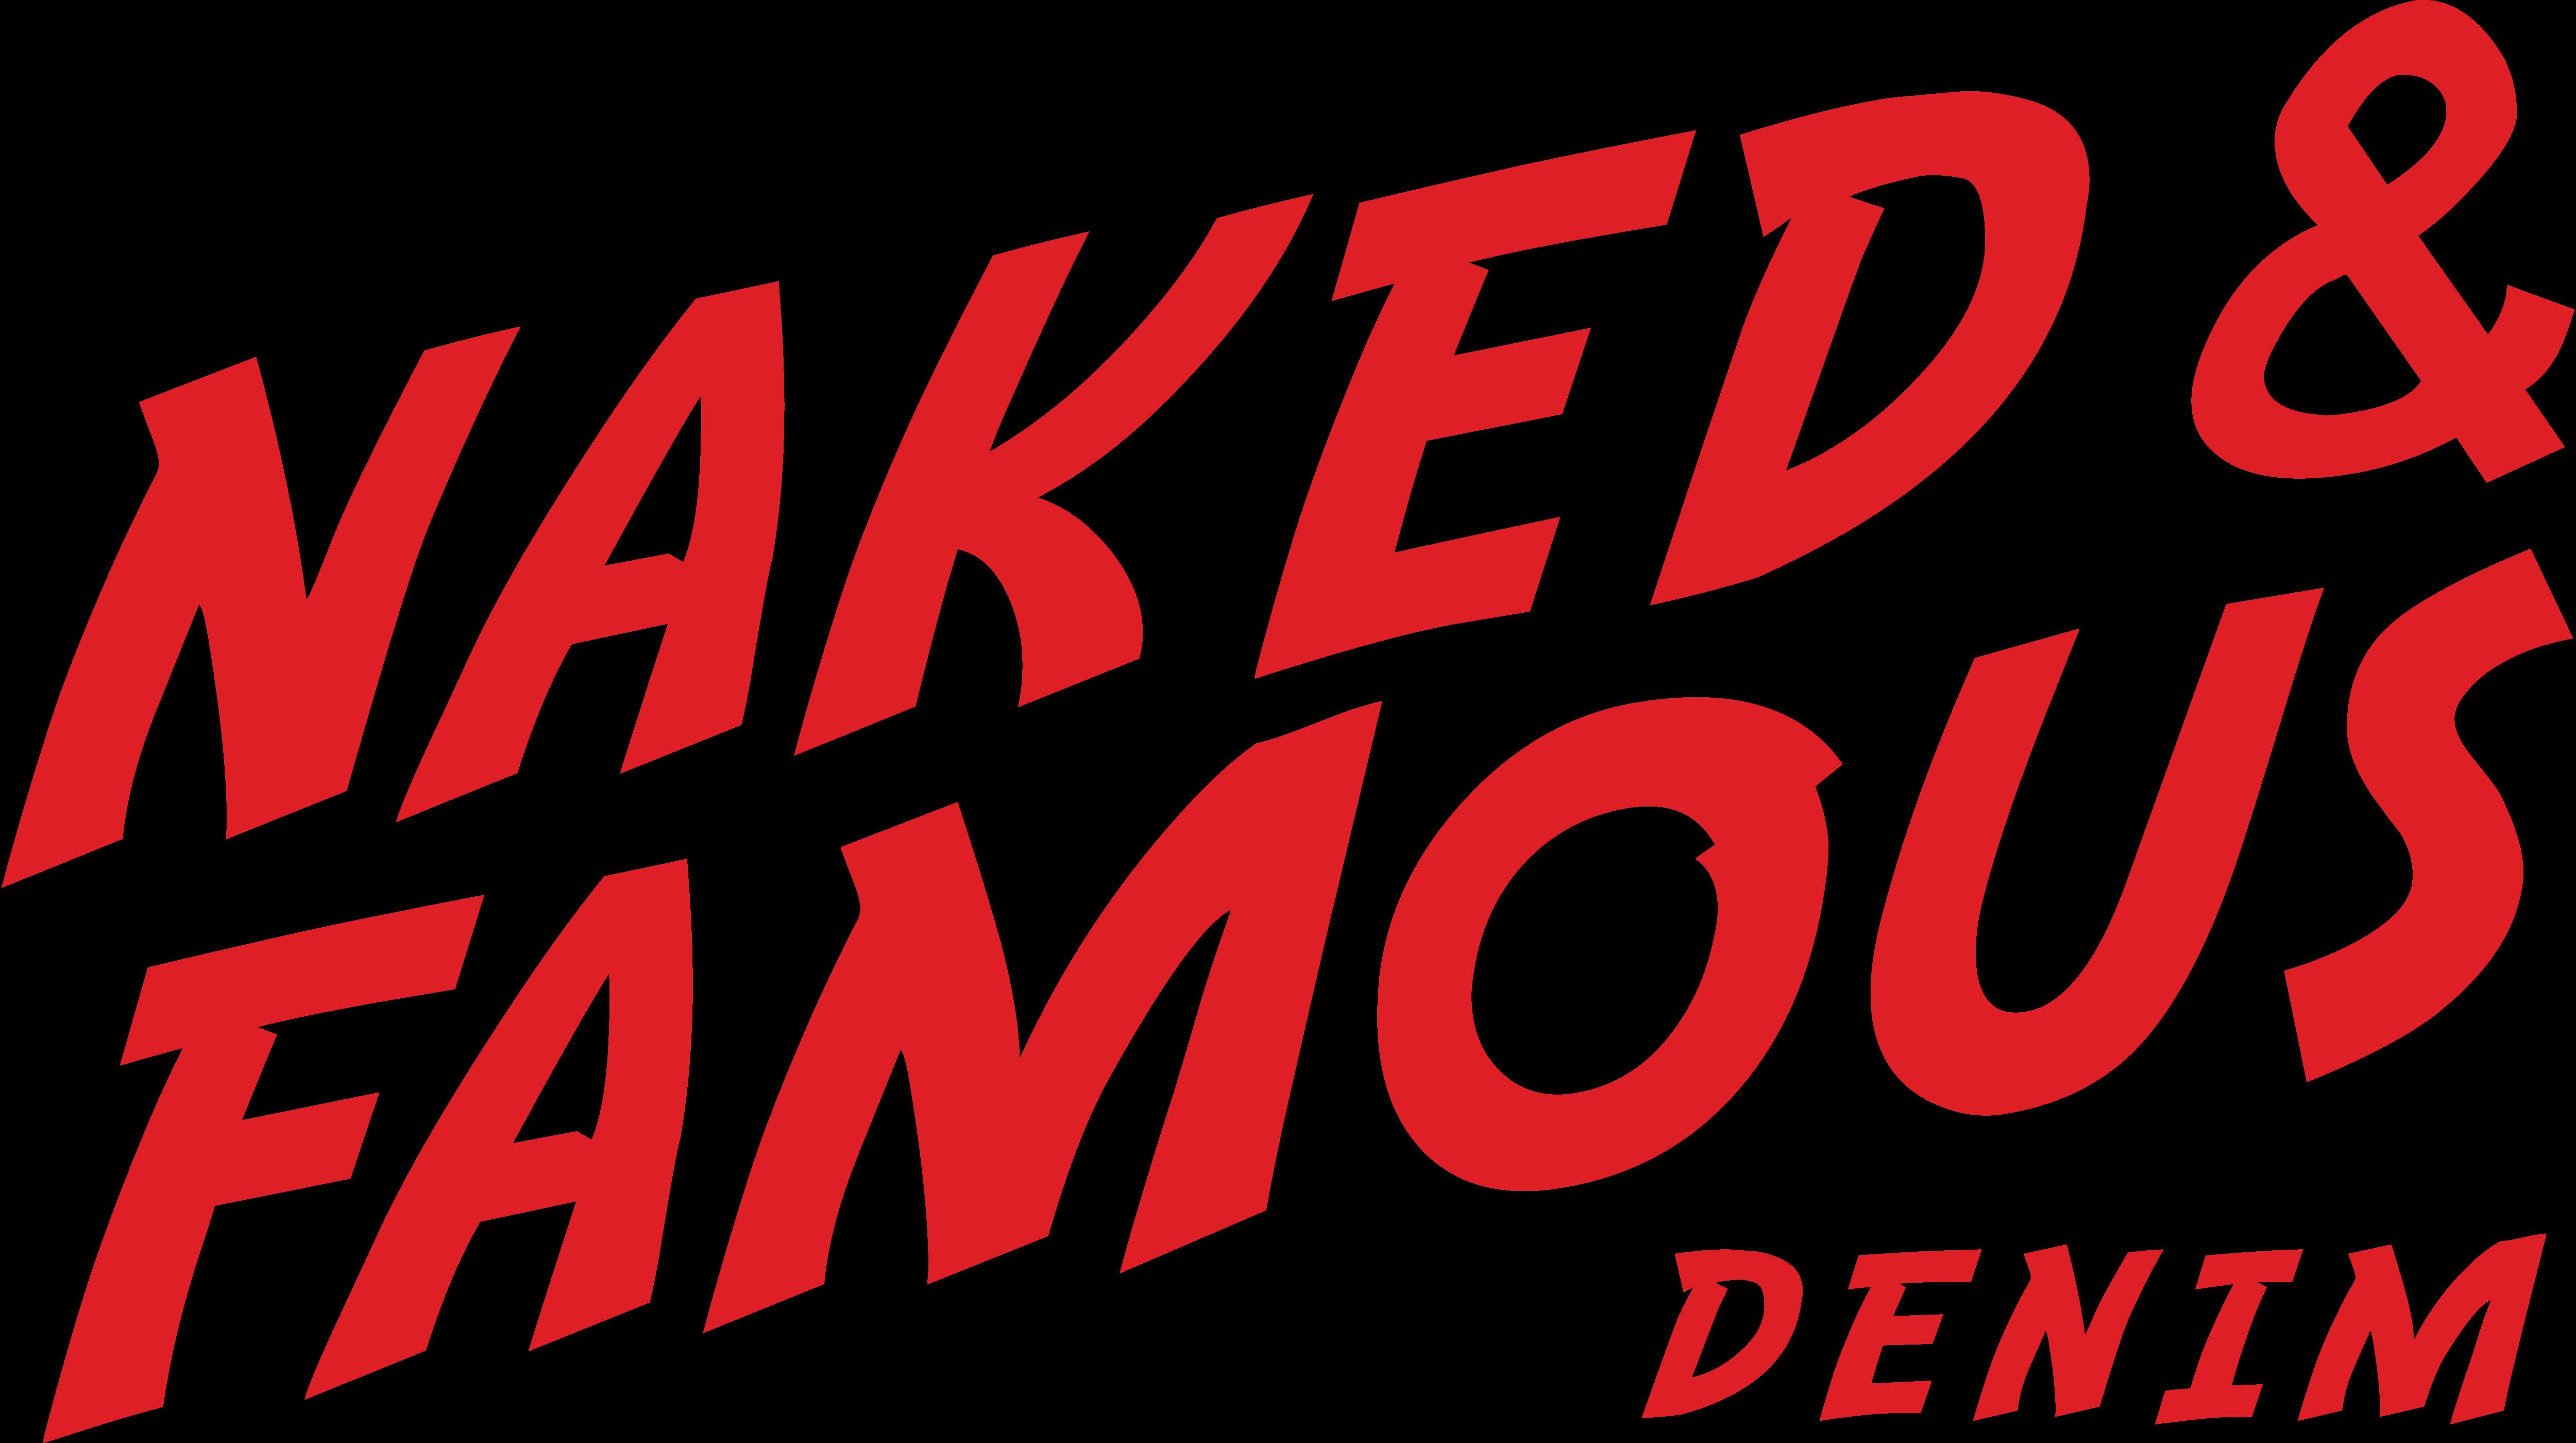 Naked Logos 33